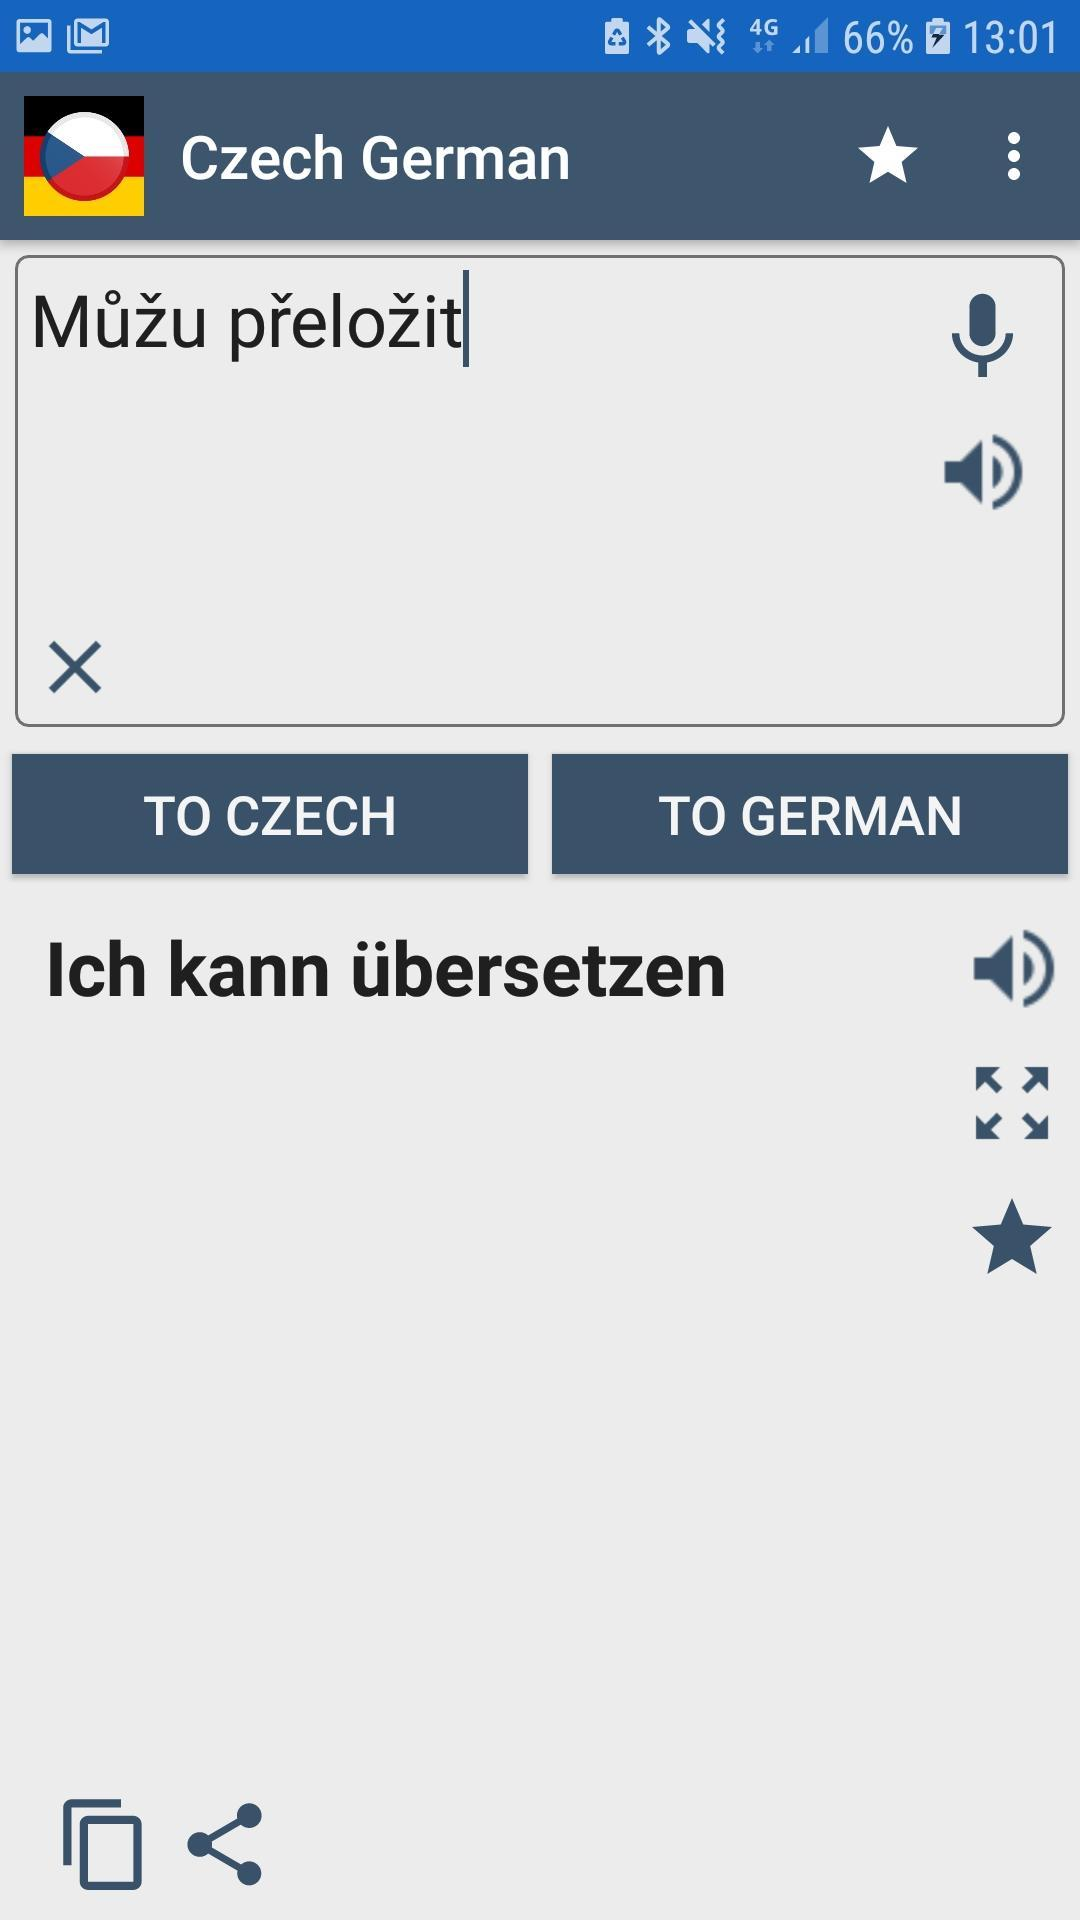 übersetzung tschechisch deutsch kostenlos